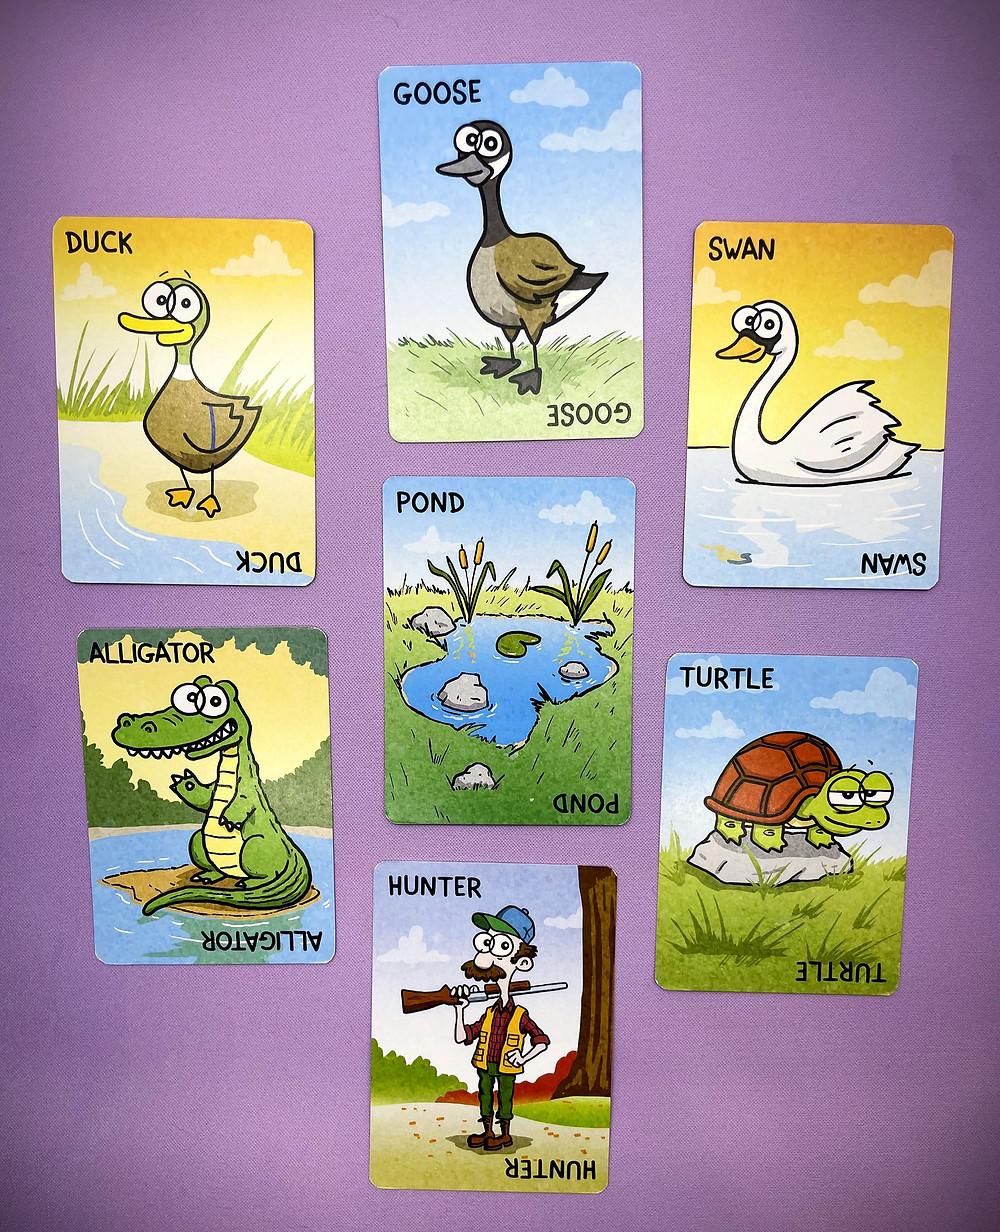 Quack, Quack! Cards